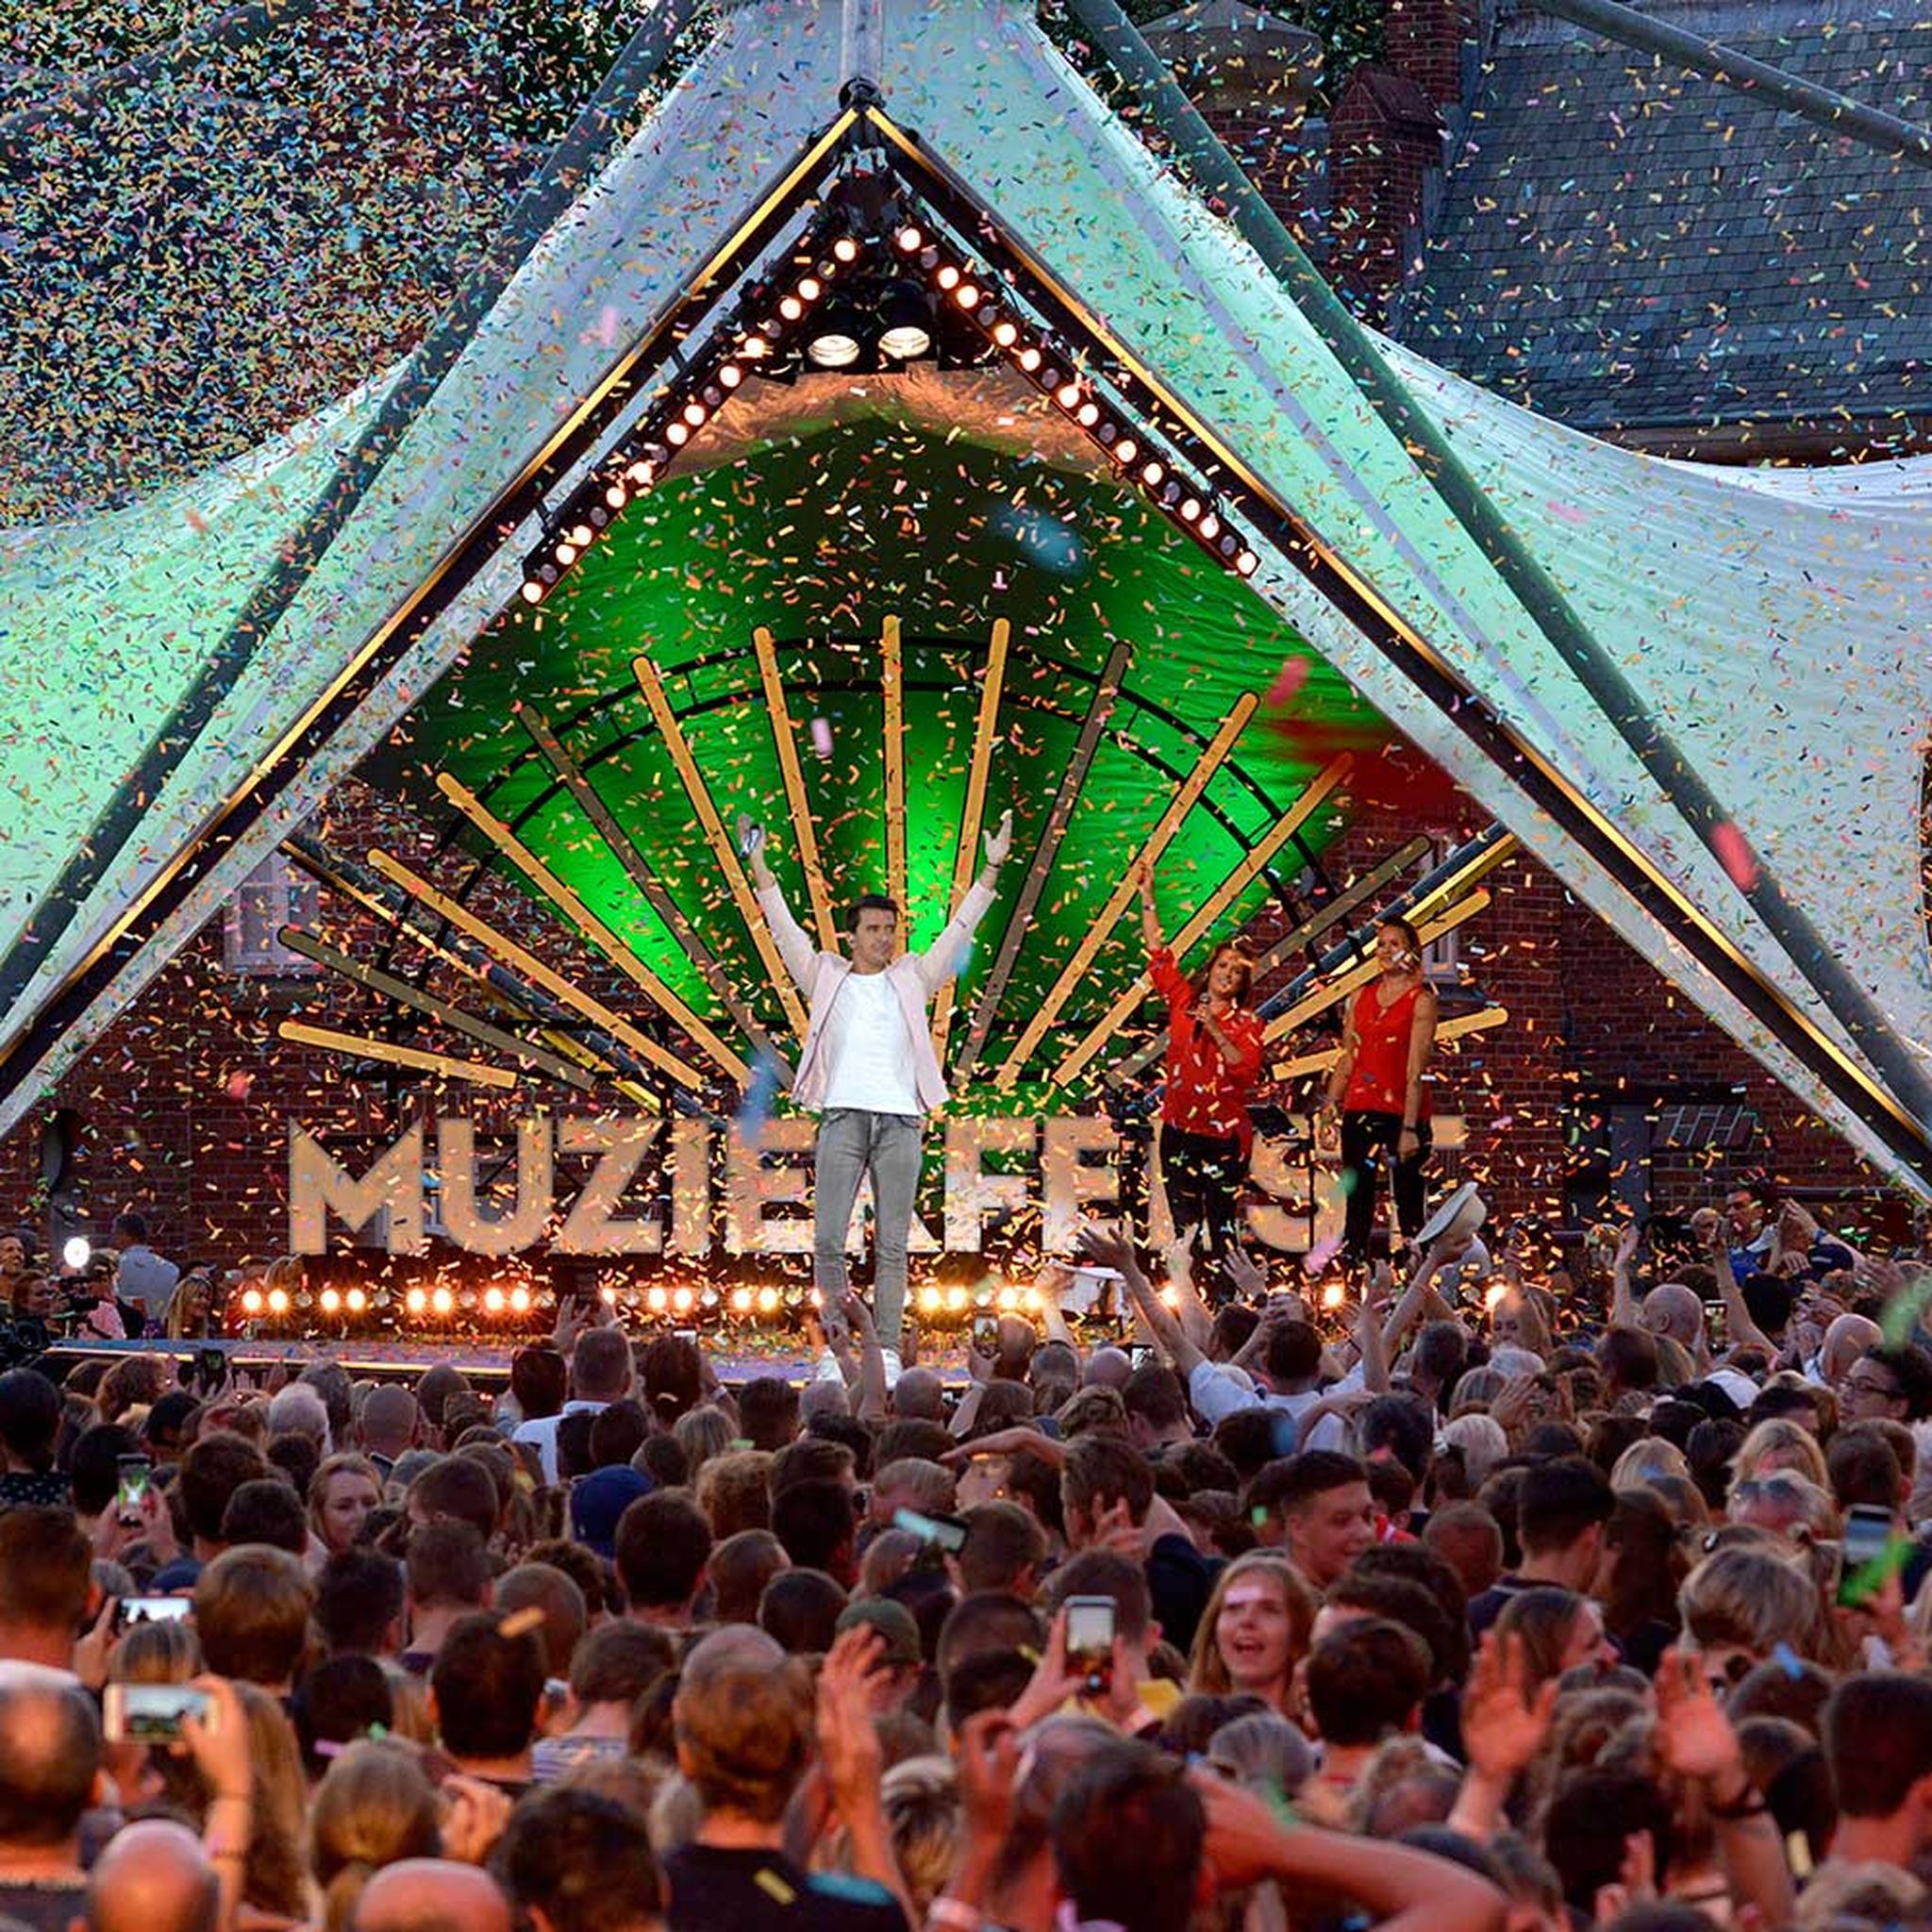 Sterren Muziekfeest op het plein